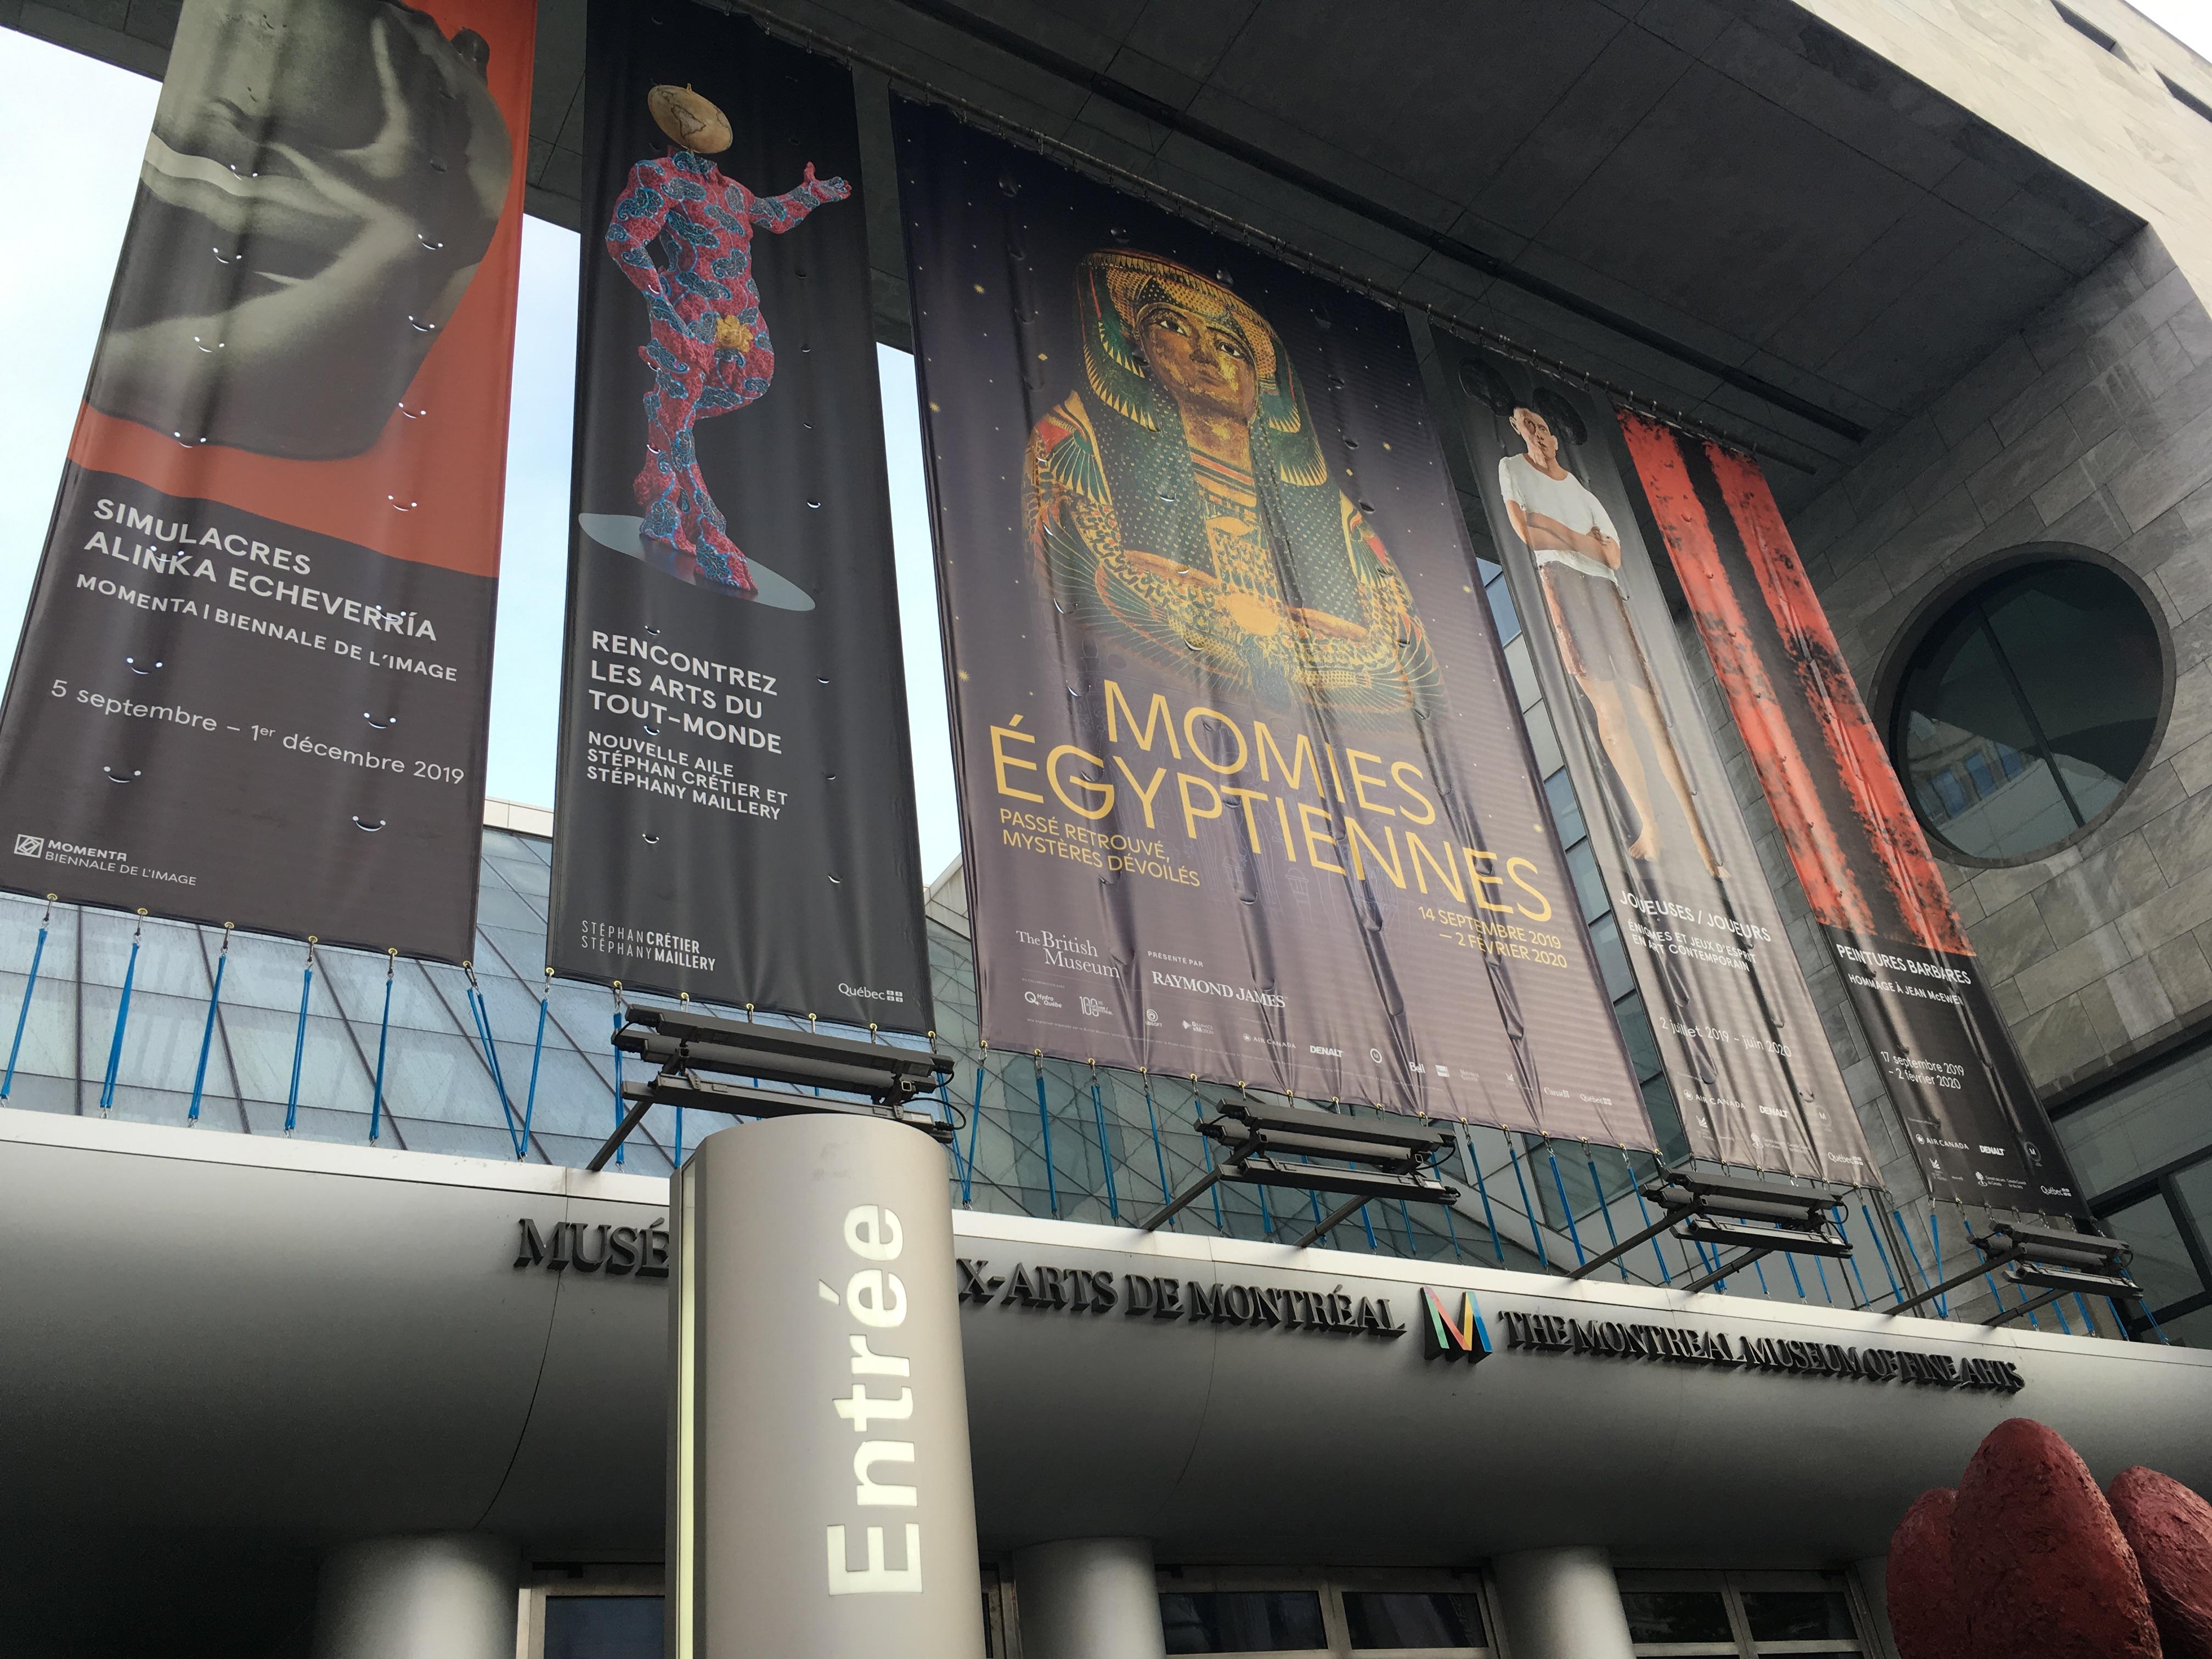 Montréal: Une aile dédiée à Edouard Glissant au Musée des Beaux-Arts.